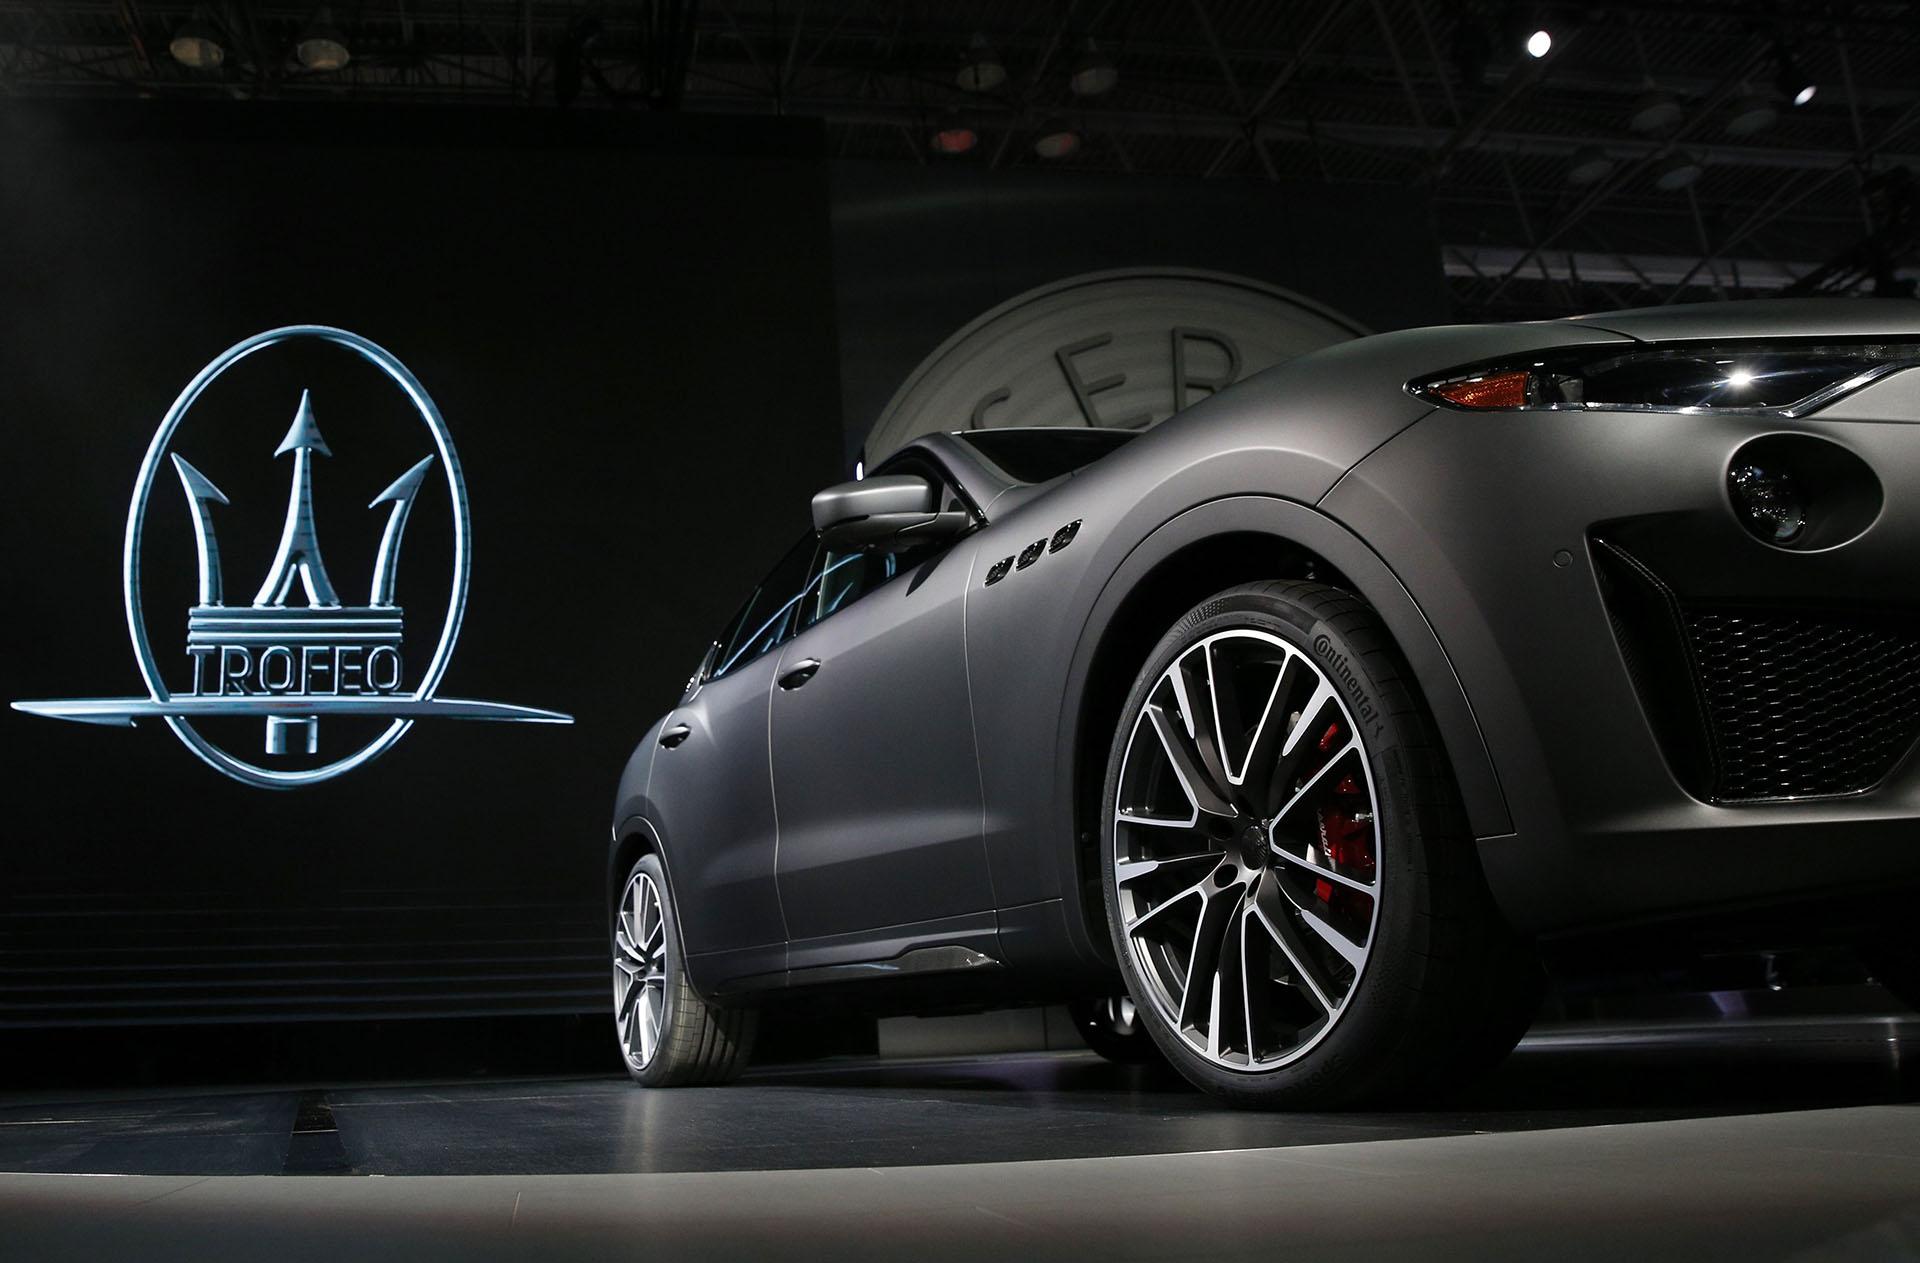 El Maserati Levante Trofeo redefine la apariencia deportiva de los SUV más extremos del mercado. Emplea un motor Ferrari 3.8 V8 Twin-Turbo de 590 CV que desarrolla una velocidad de 0 a 100 km/h en apenas 3,9 segundos y con ruta libre es capaz superar los 300 km/h de punta. Una auténtica bestia